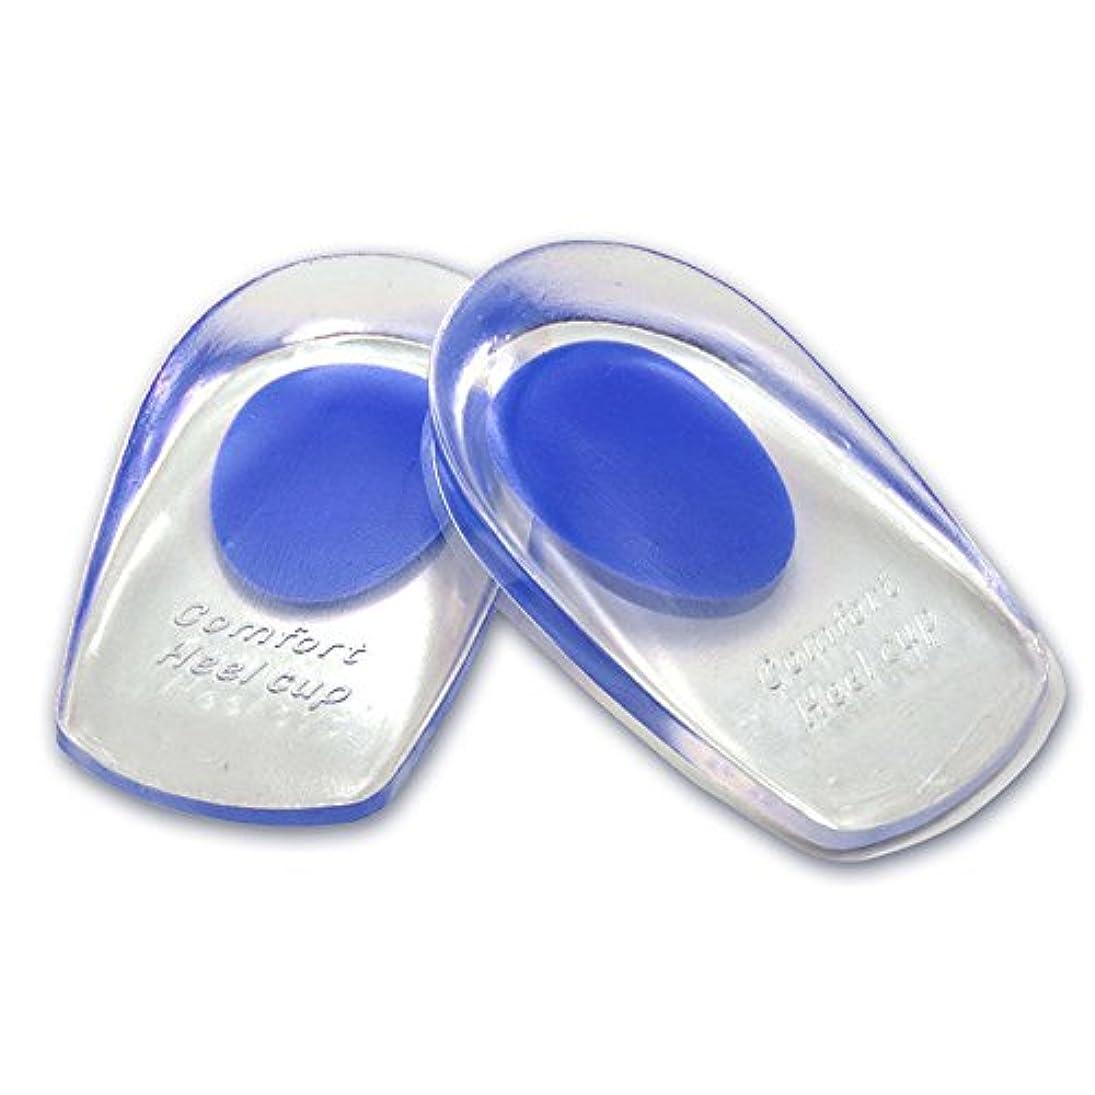 戦士おじさんきゅうりシリコンヒールカップ かかとの痛み防止に ソフトシリコン製 インソールクッション 衝撃緩和 立体形状 フィット感抜群 FMTMXCA2S (ブルー(靴サイズ24.5~27.5cm用))